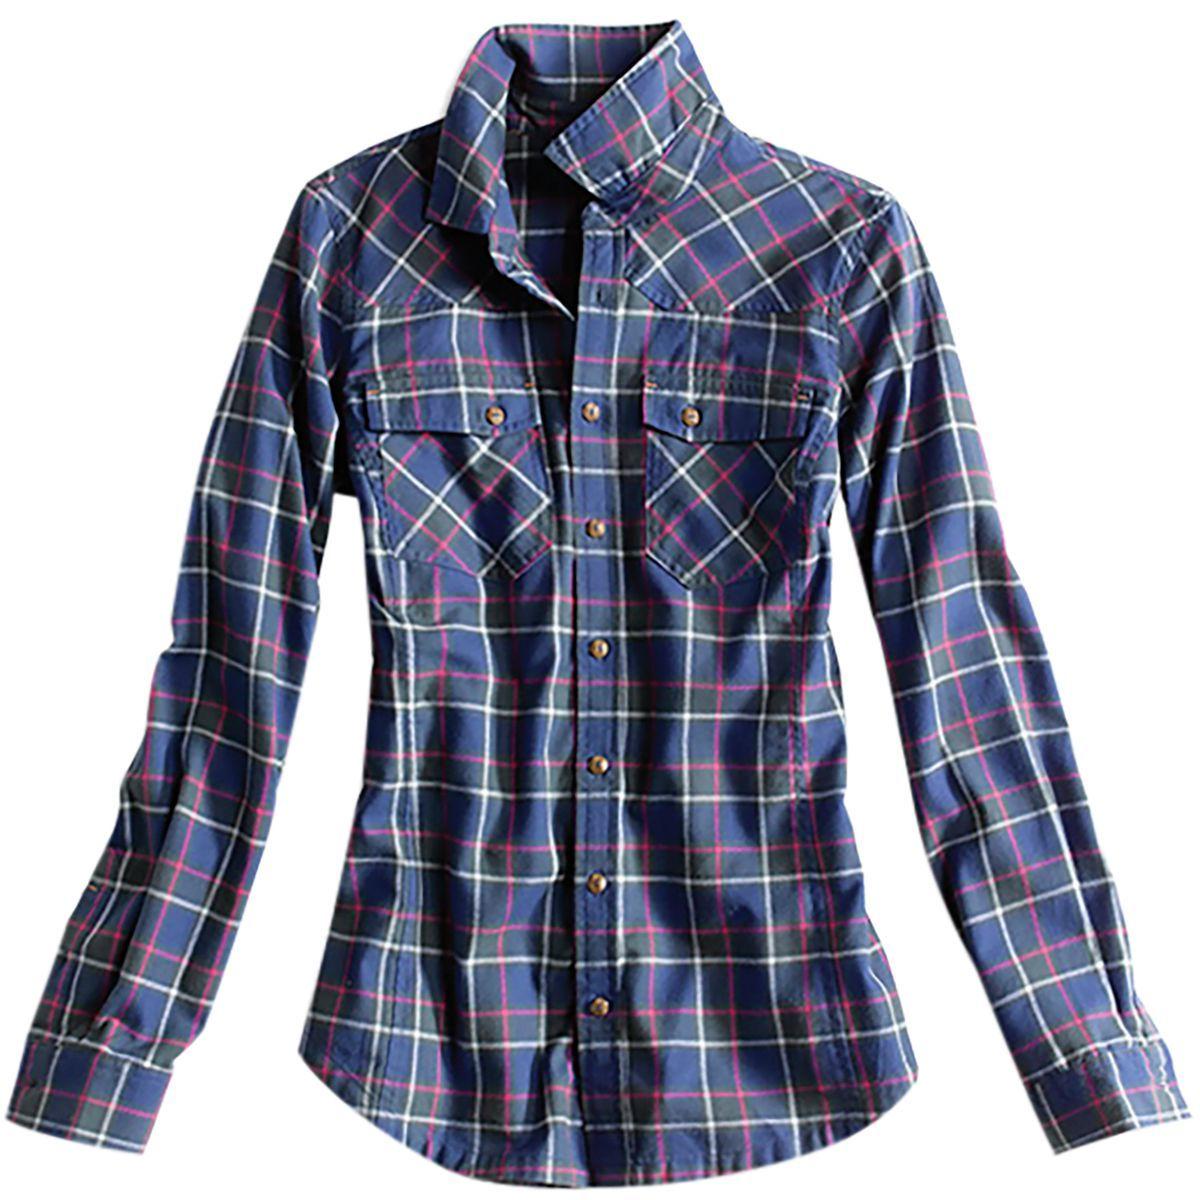 Orvis Misty Morning Western Flannel Shirt - Women's